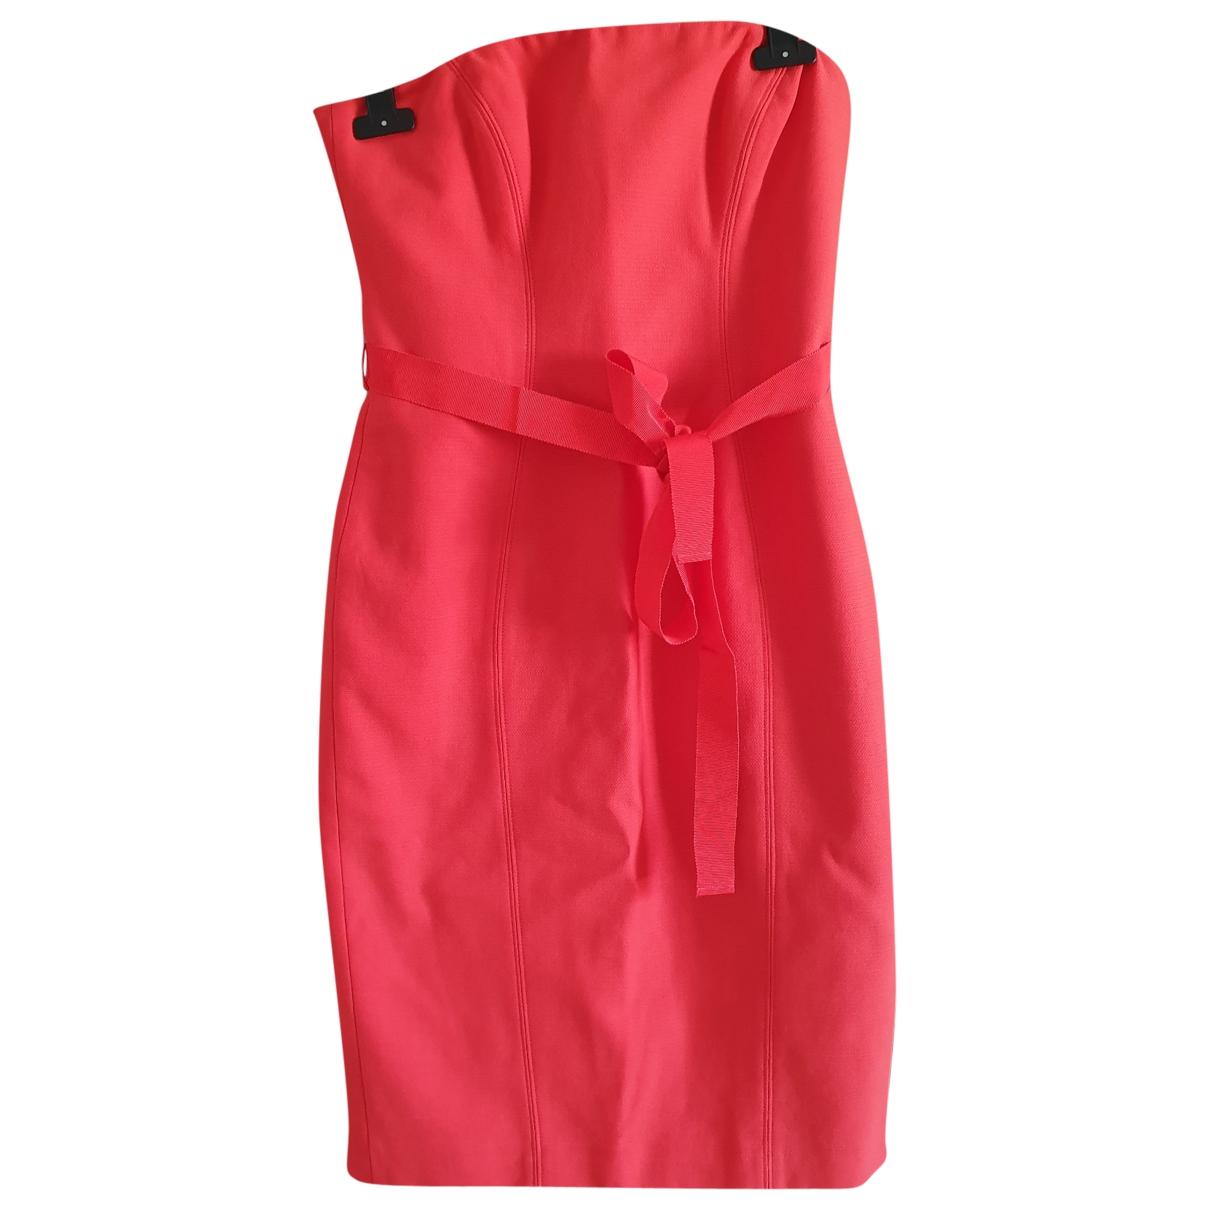 Paule Ka \N Orange Cotton dress for Women 36 FR